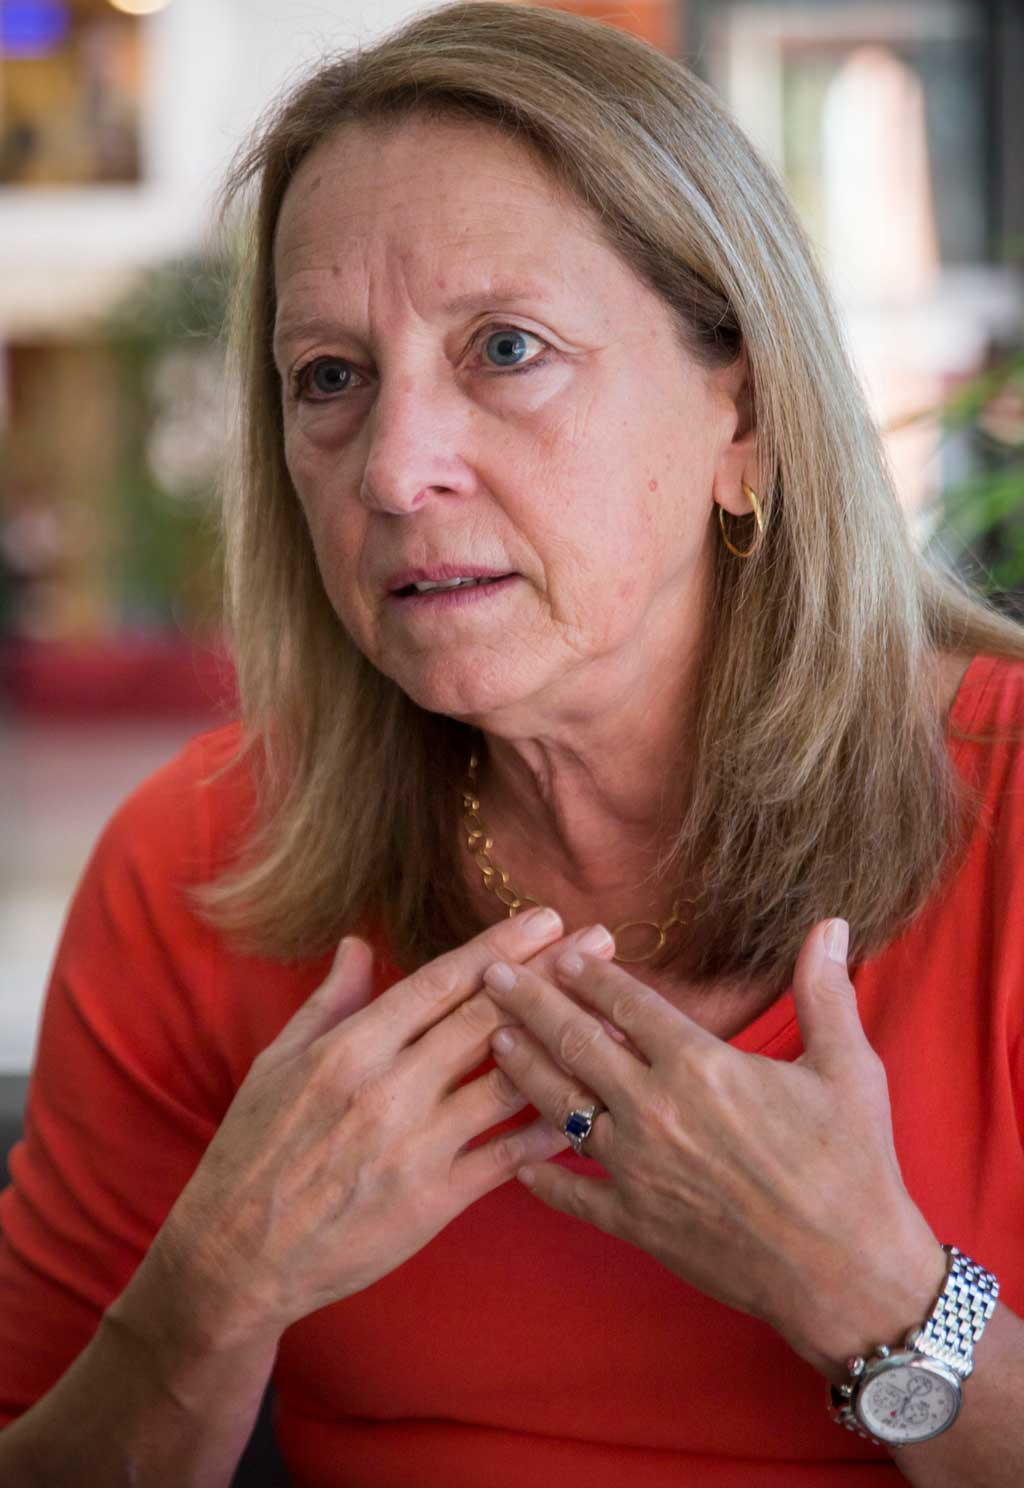 La trajectòria de Donna Hicks, experta en mediació, passa per conflictes com els d'Orient Mitjà, Cuba o Irlanda del Nord i també per treballs en el món de l'empresa privada.